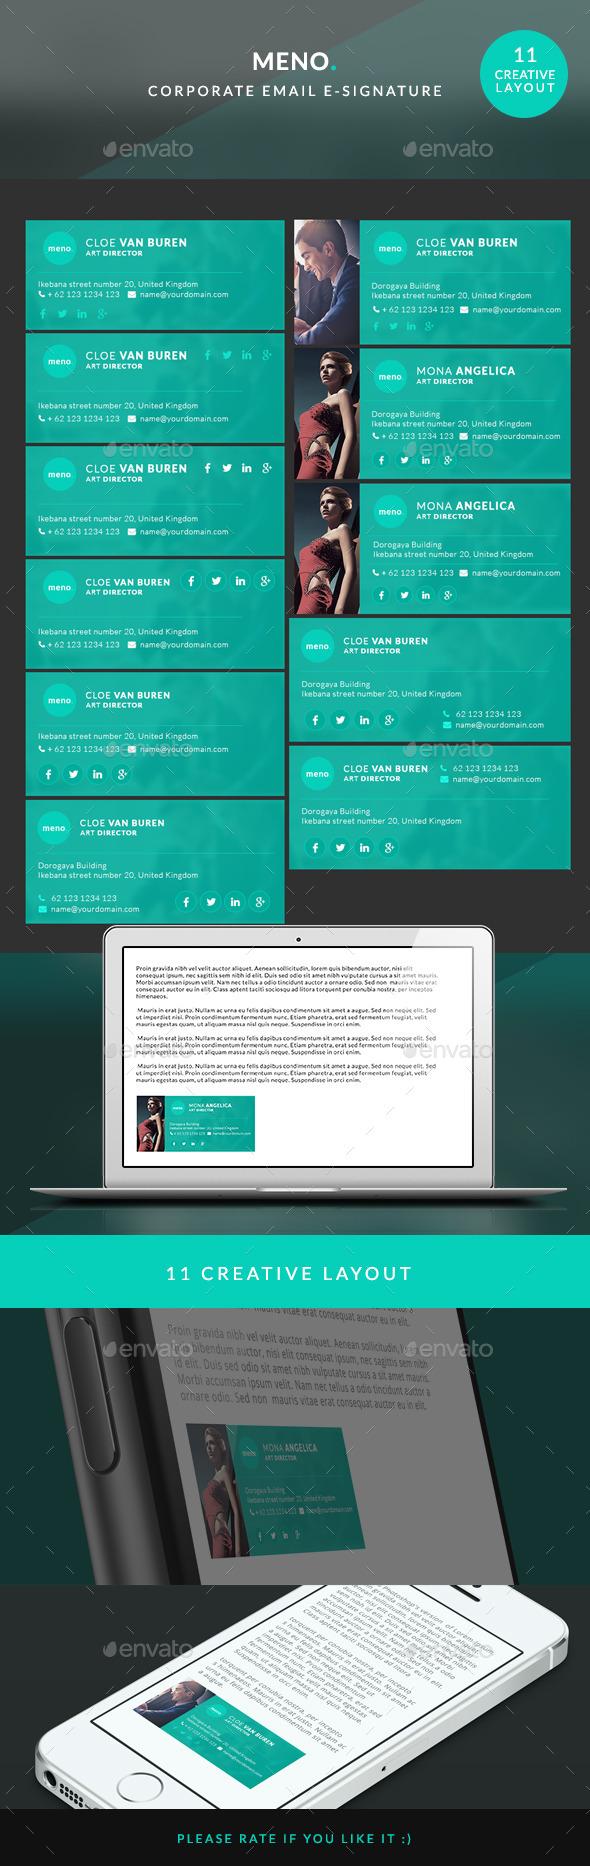 GraphicRiver Corporate E-signature Meno 10657457